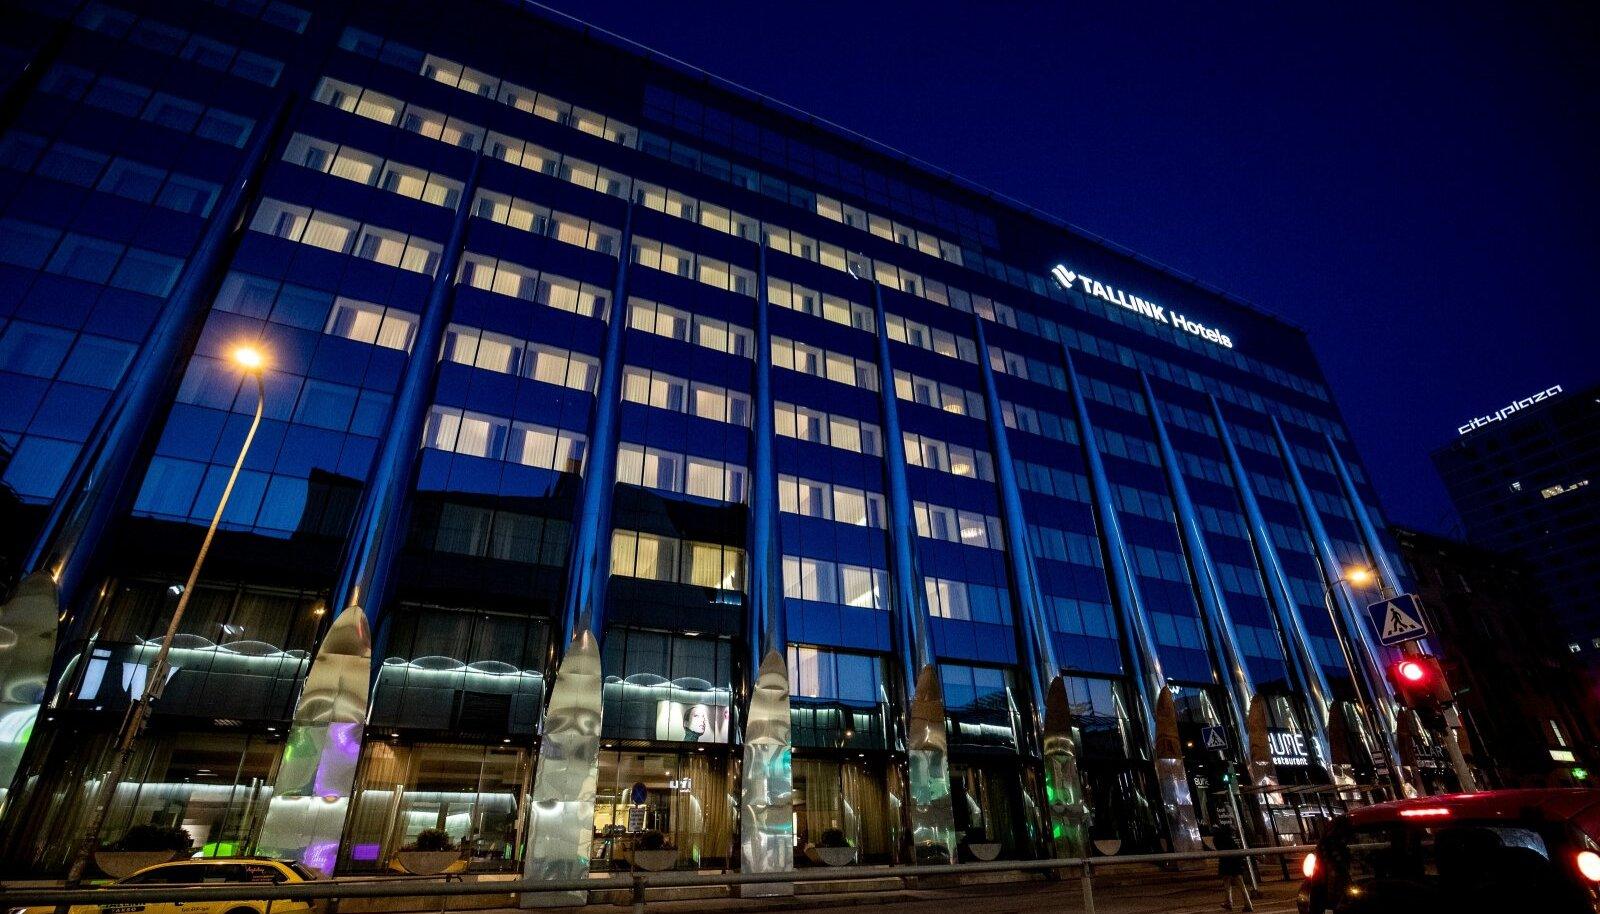 Tallinna hotellid vol 2. 30.03.2020